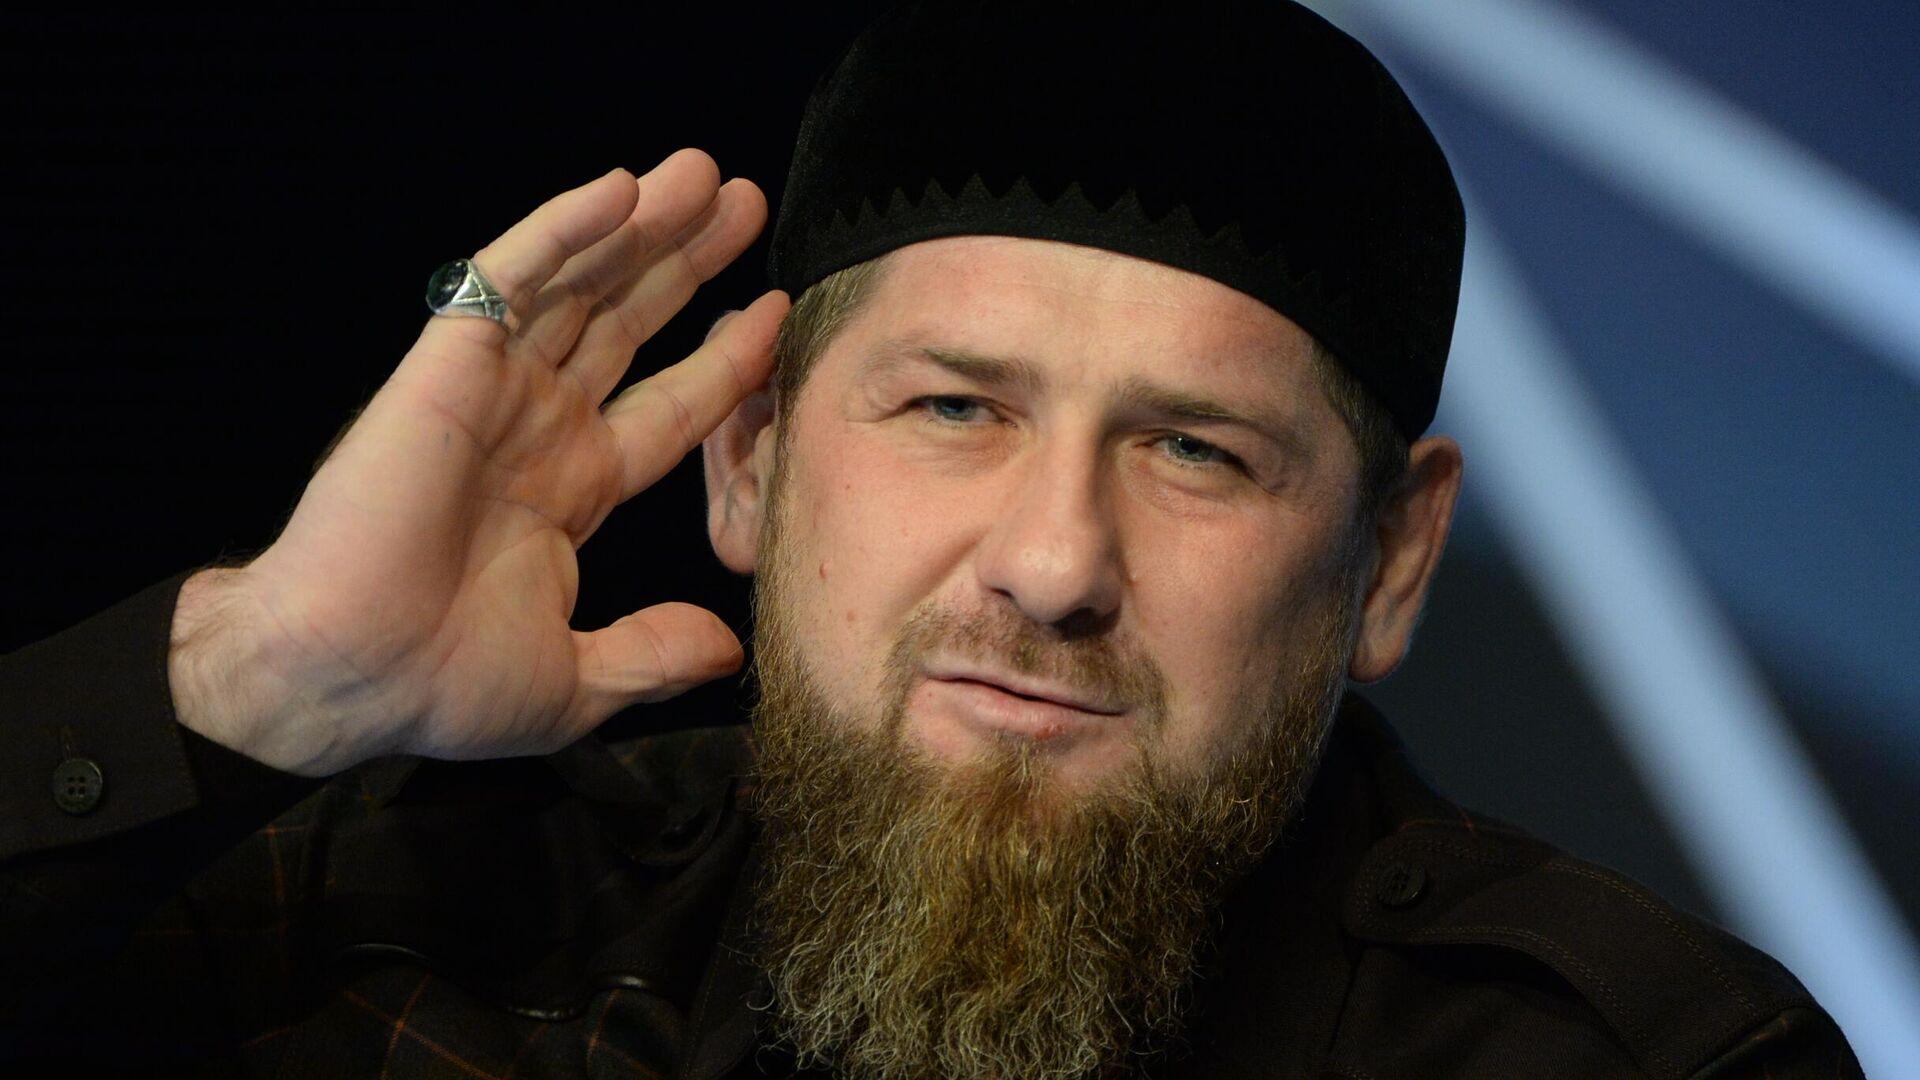 Глава Чеченской Республики Рамзан Кадыров на пресс-конференции в студии телеканала Грозный - РИА Новости, 1920, 18.03.2021